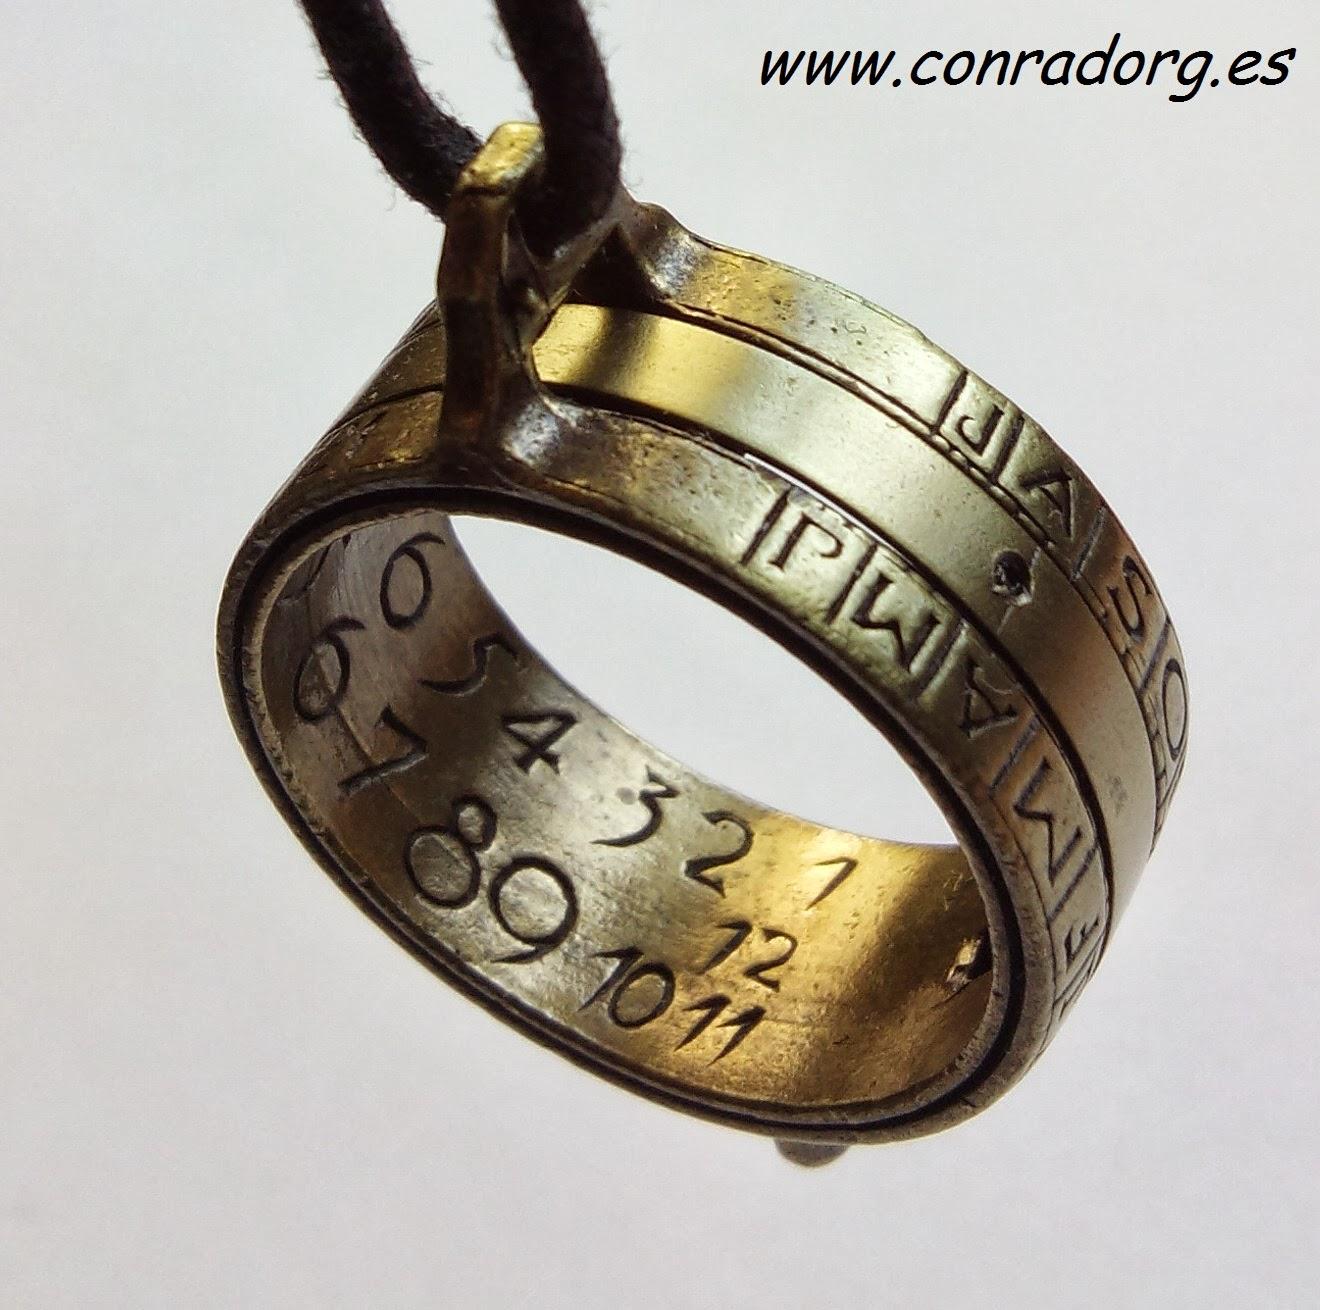 8ca2ab2a01a8 El reloj anular es un tipo de reloj solar que basa su funcionamiento en la  altura del sol en las diferentes horas del día.